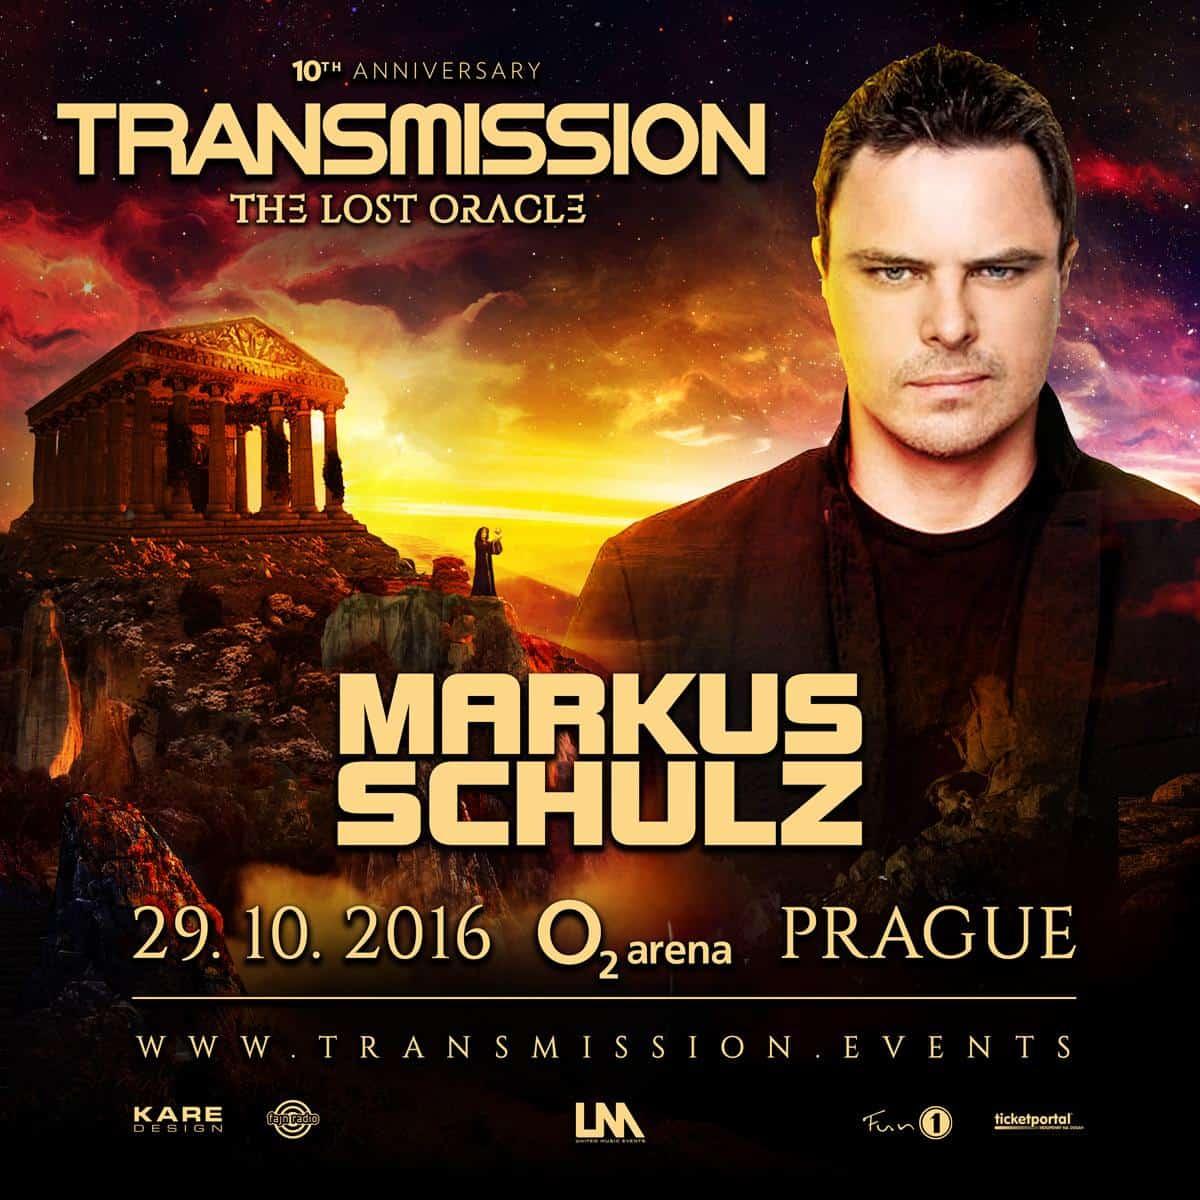 Markus Schulz live at Transmission - The Lost Oracle (29.10.2016) @ Prague, Czech Republic